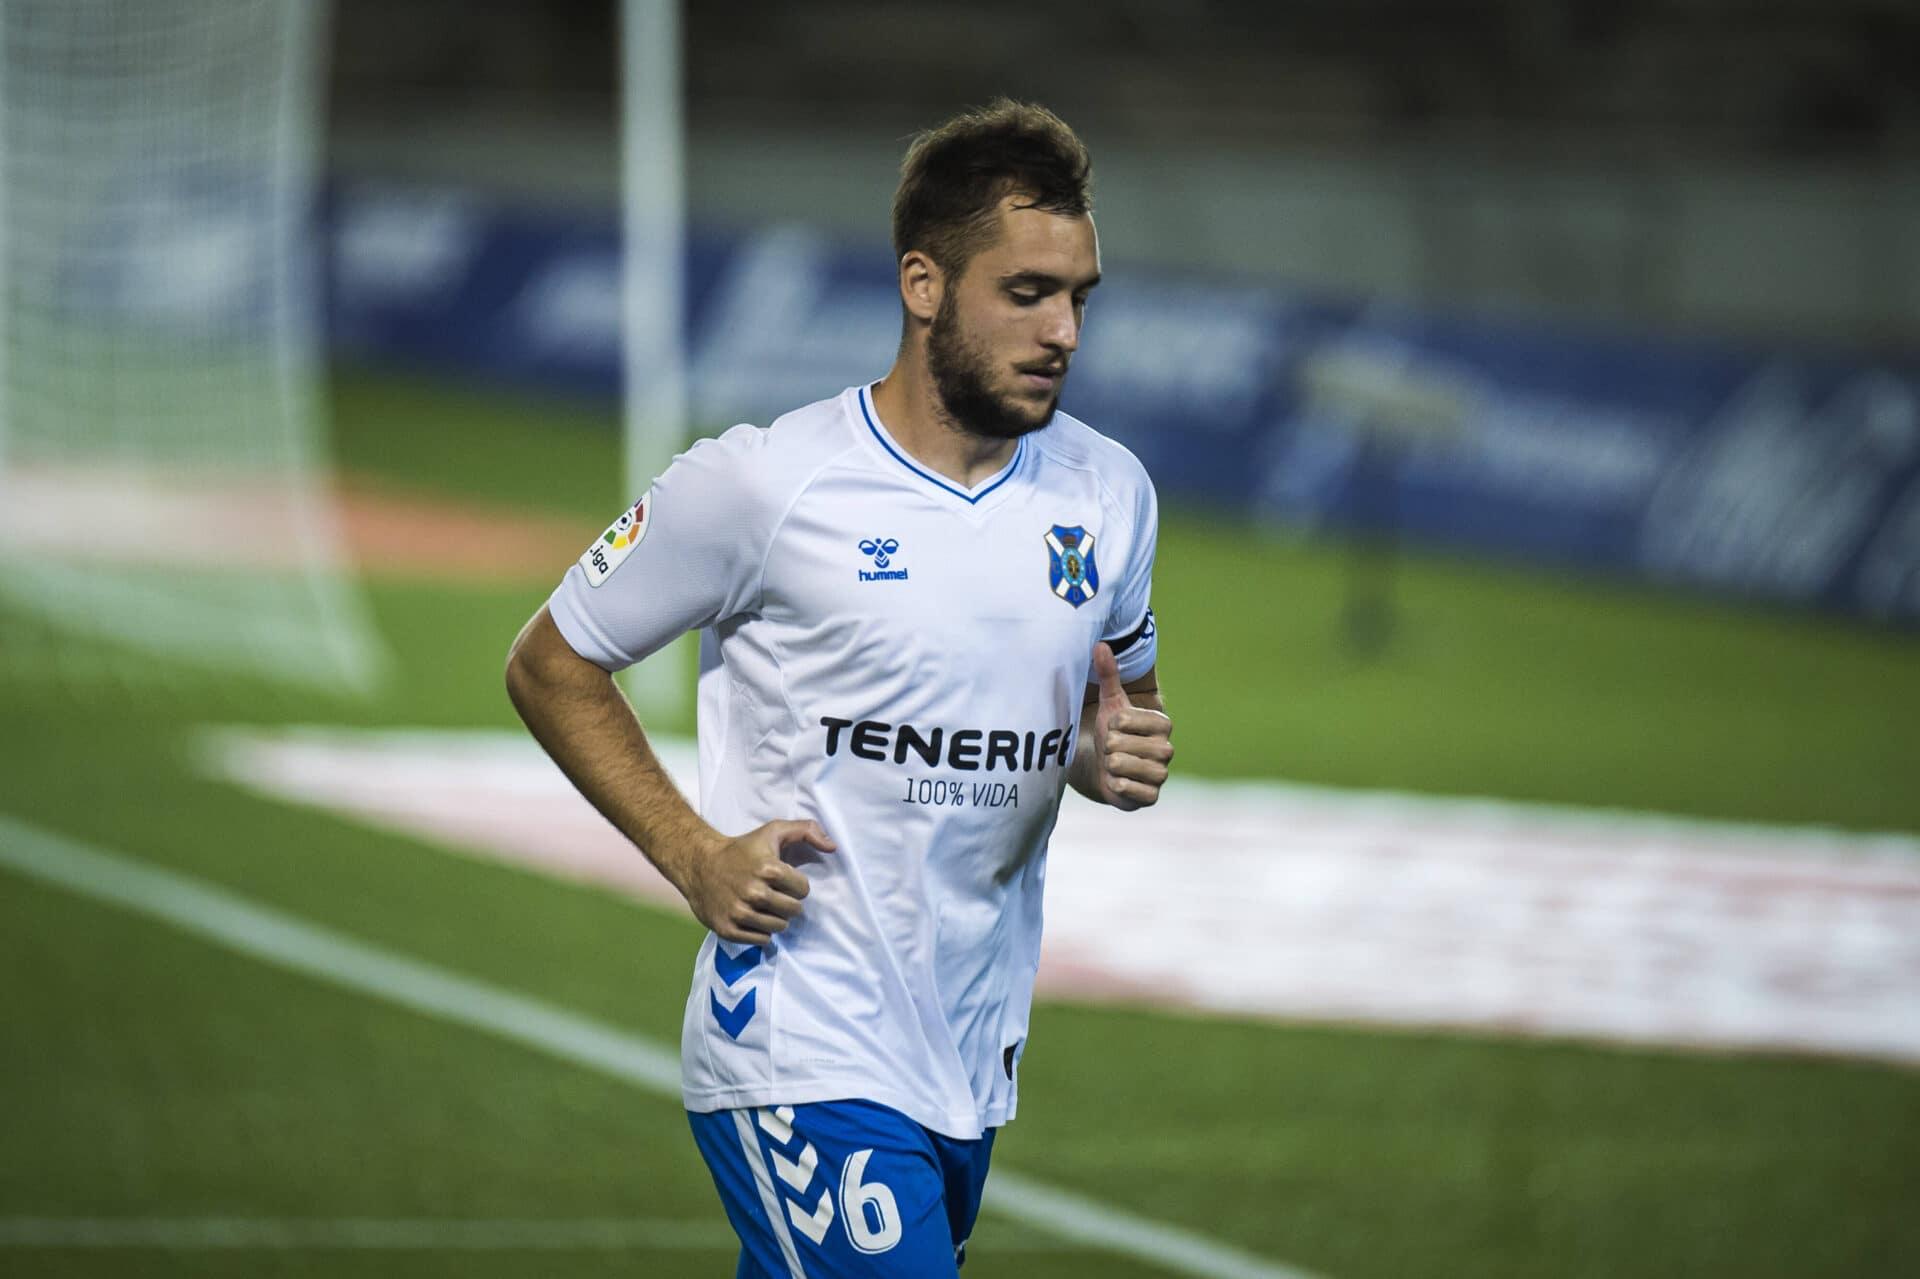 Valentin Vada, Proyecto Crecer, Real Zaragoza, UD Almería, Bordeaux, Liga SmartBank